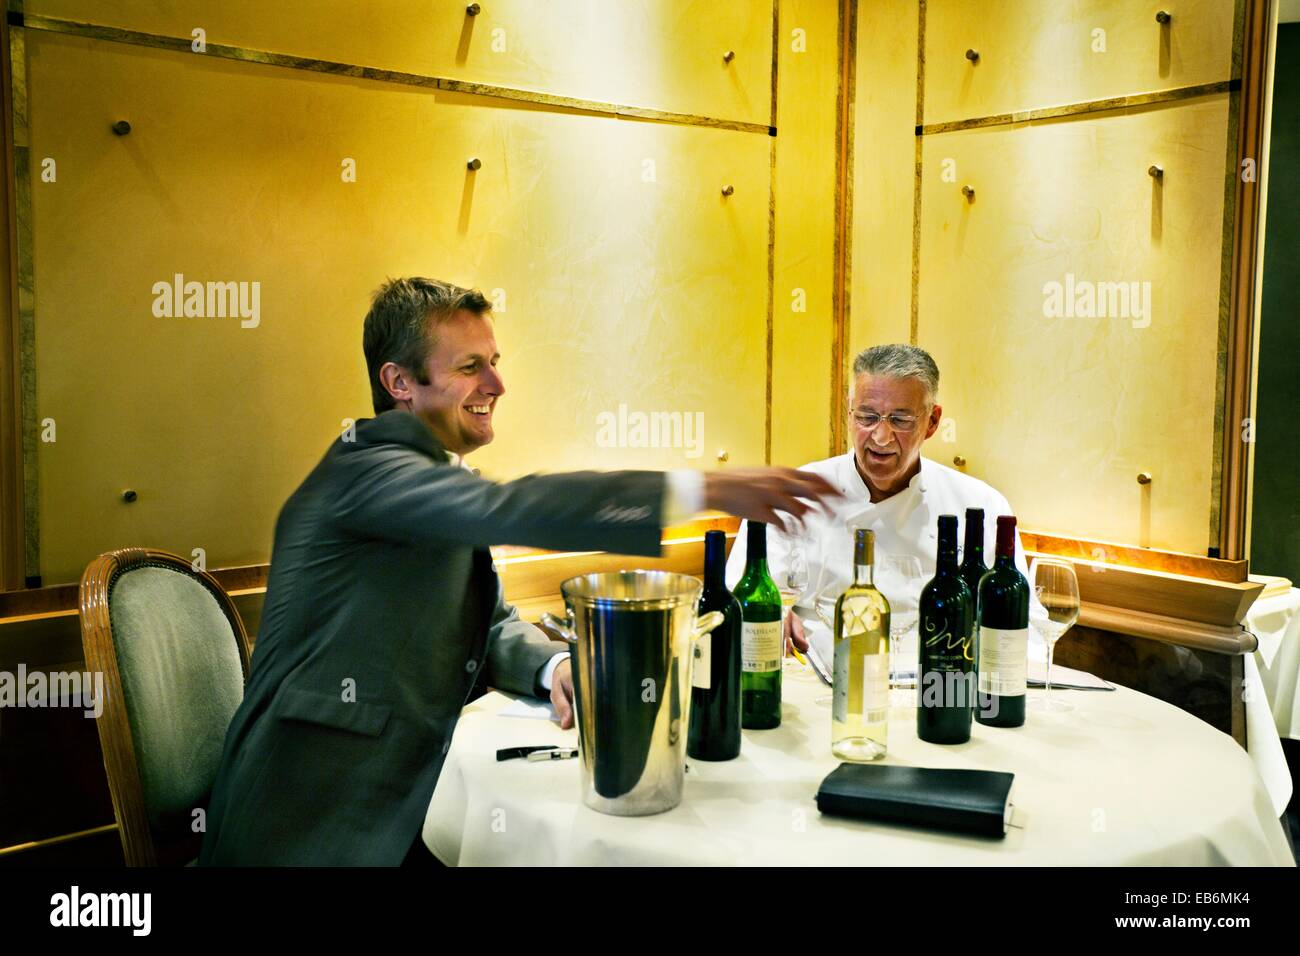 El cheff Jean Pierre Bruneau probando algunos vinos, Bruneau restaurante, , Bruselas, Bruselas, Bélgica. Imagen De Stock